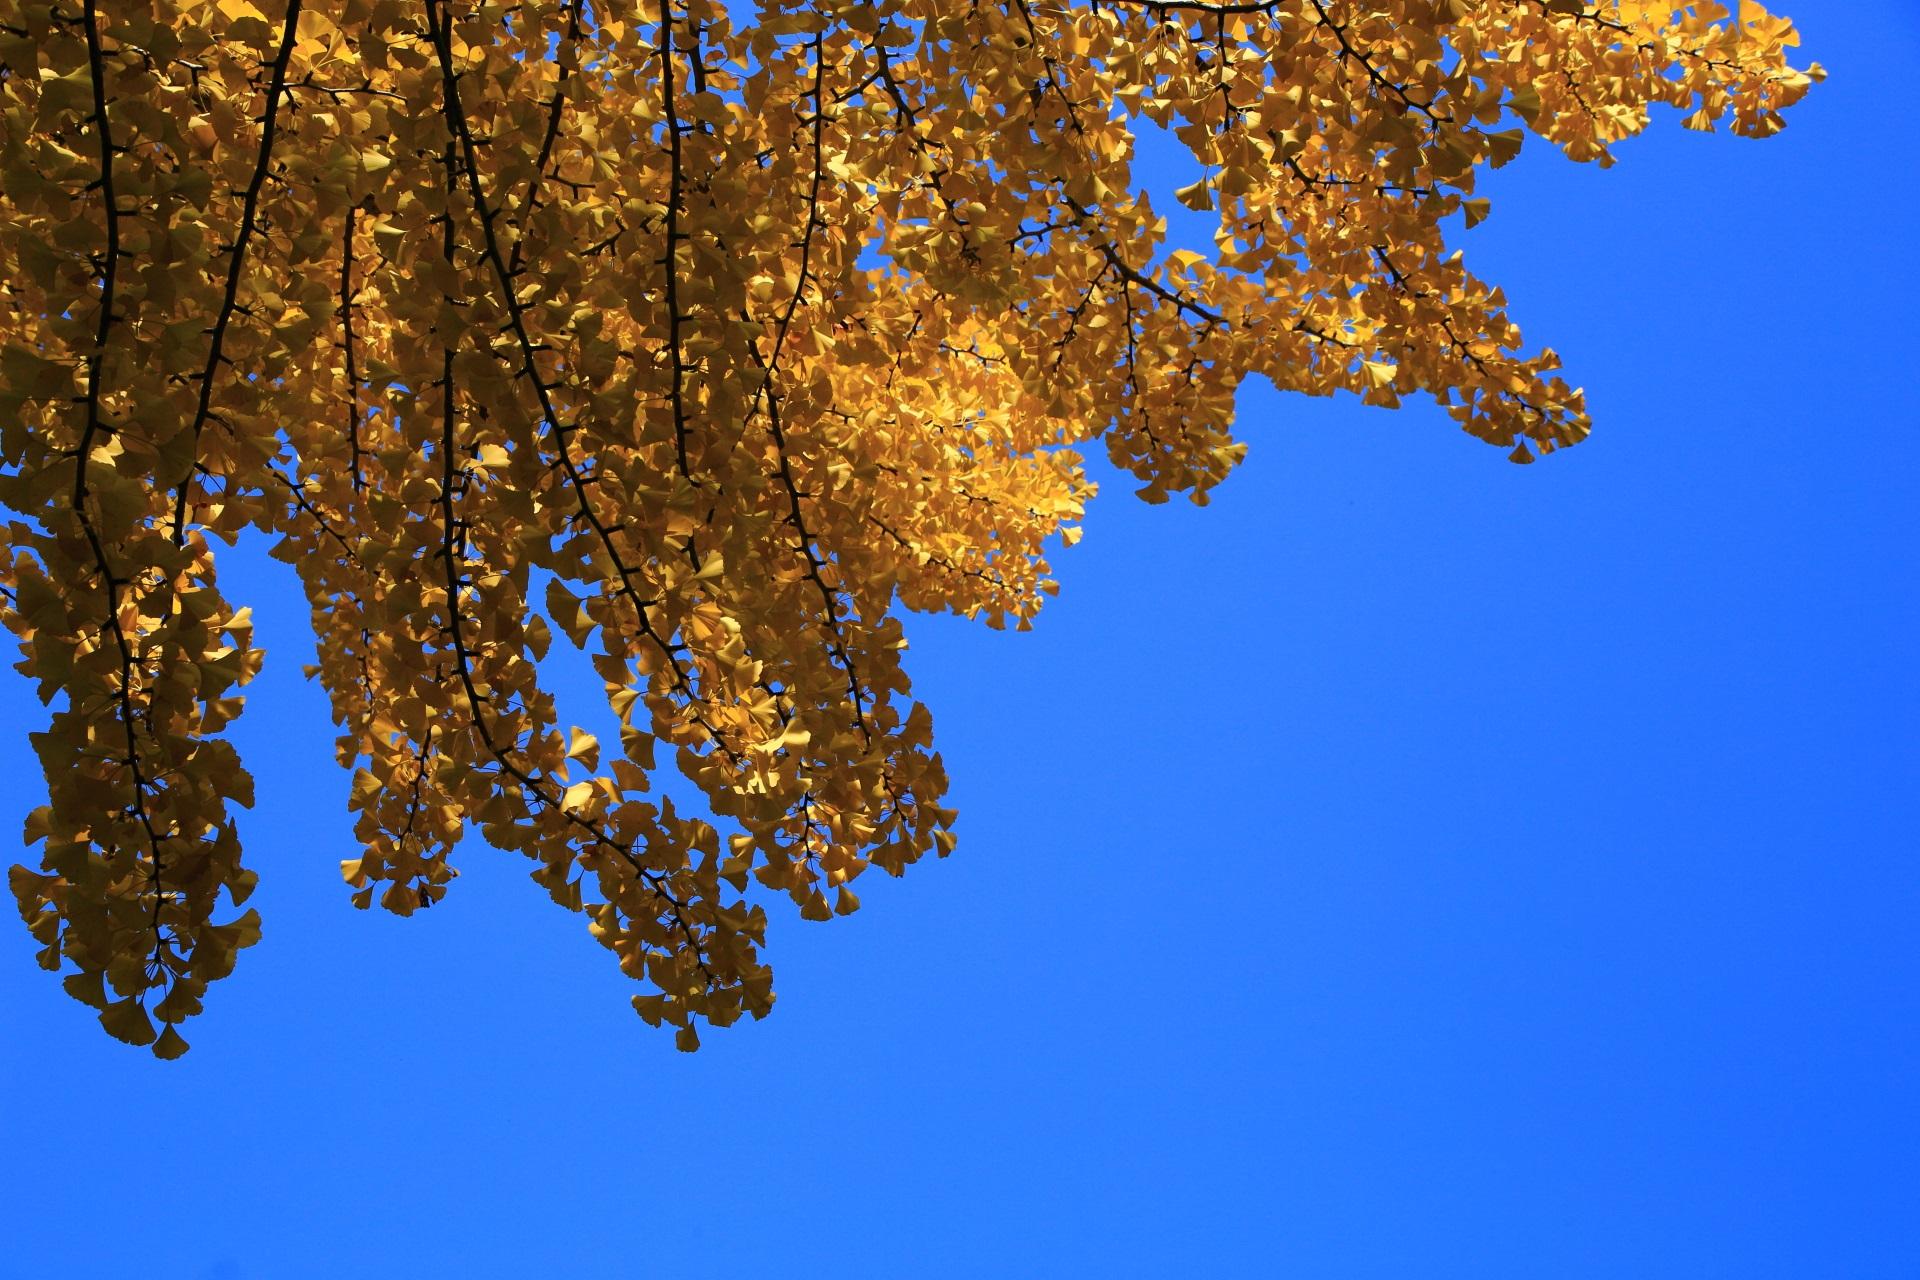 大空に映える銀杏の黄色や金色